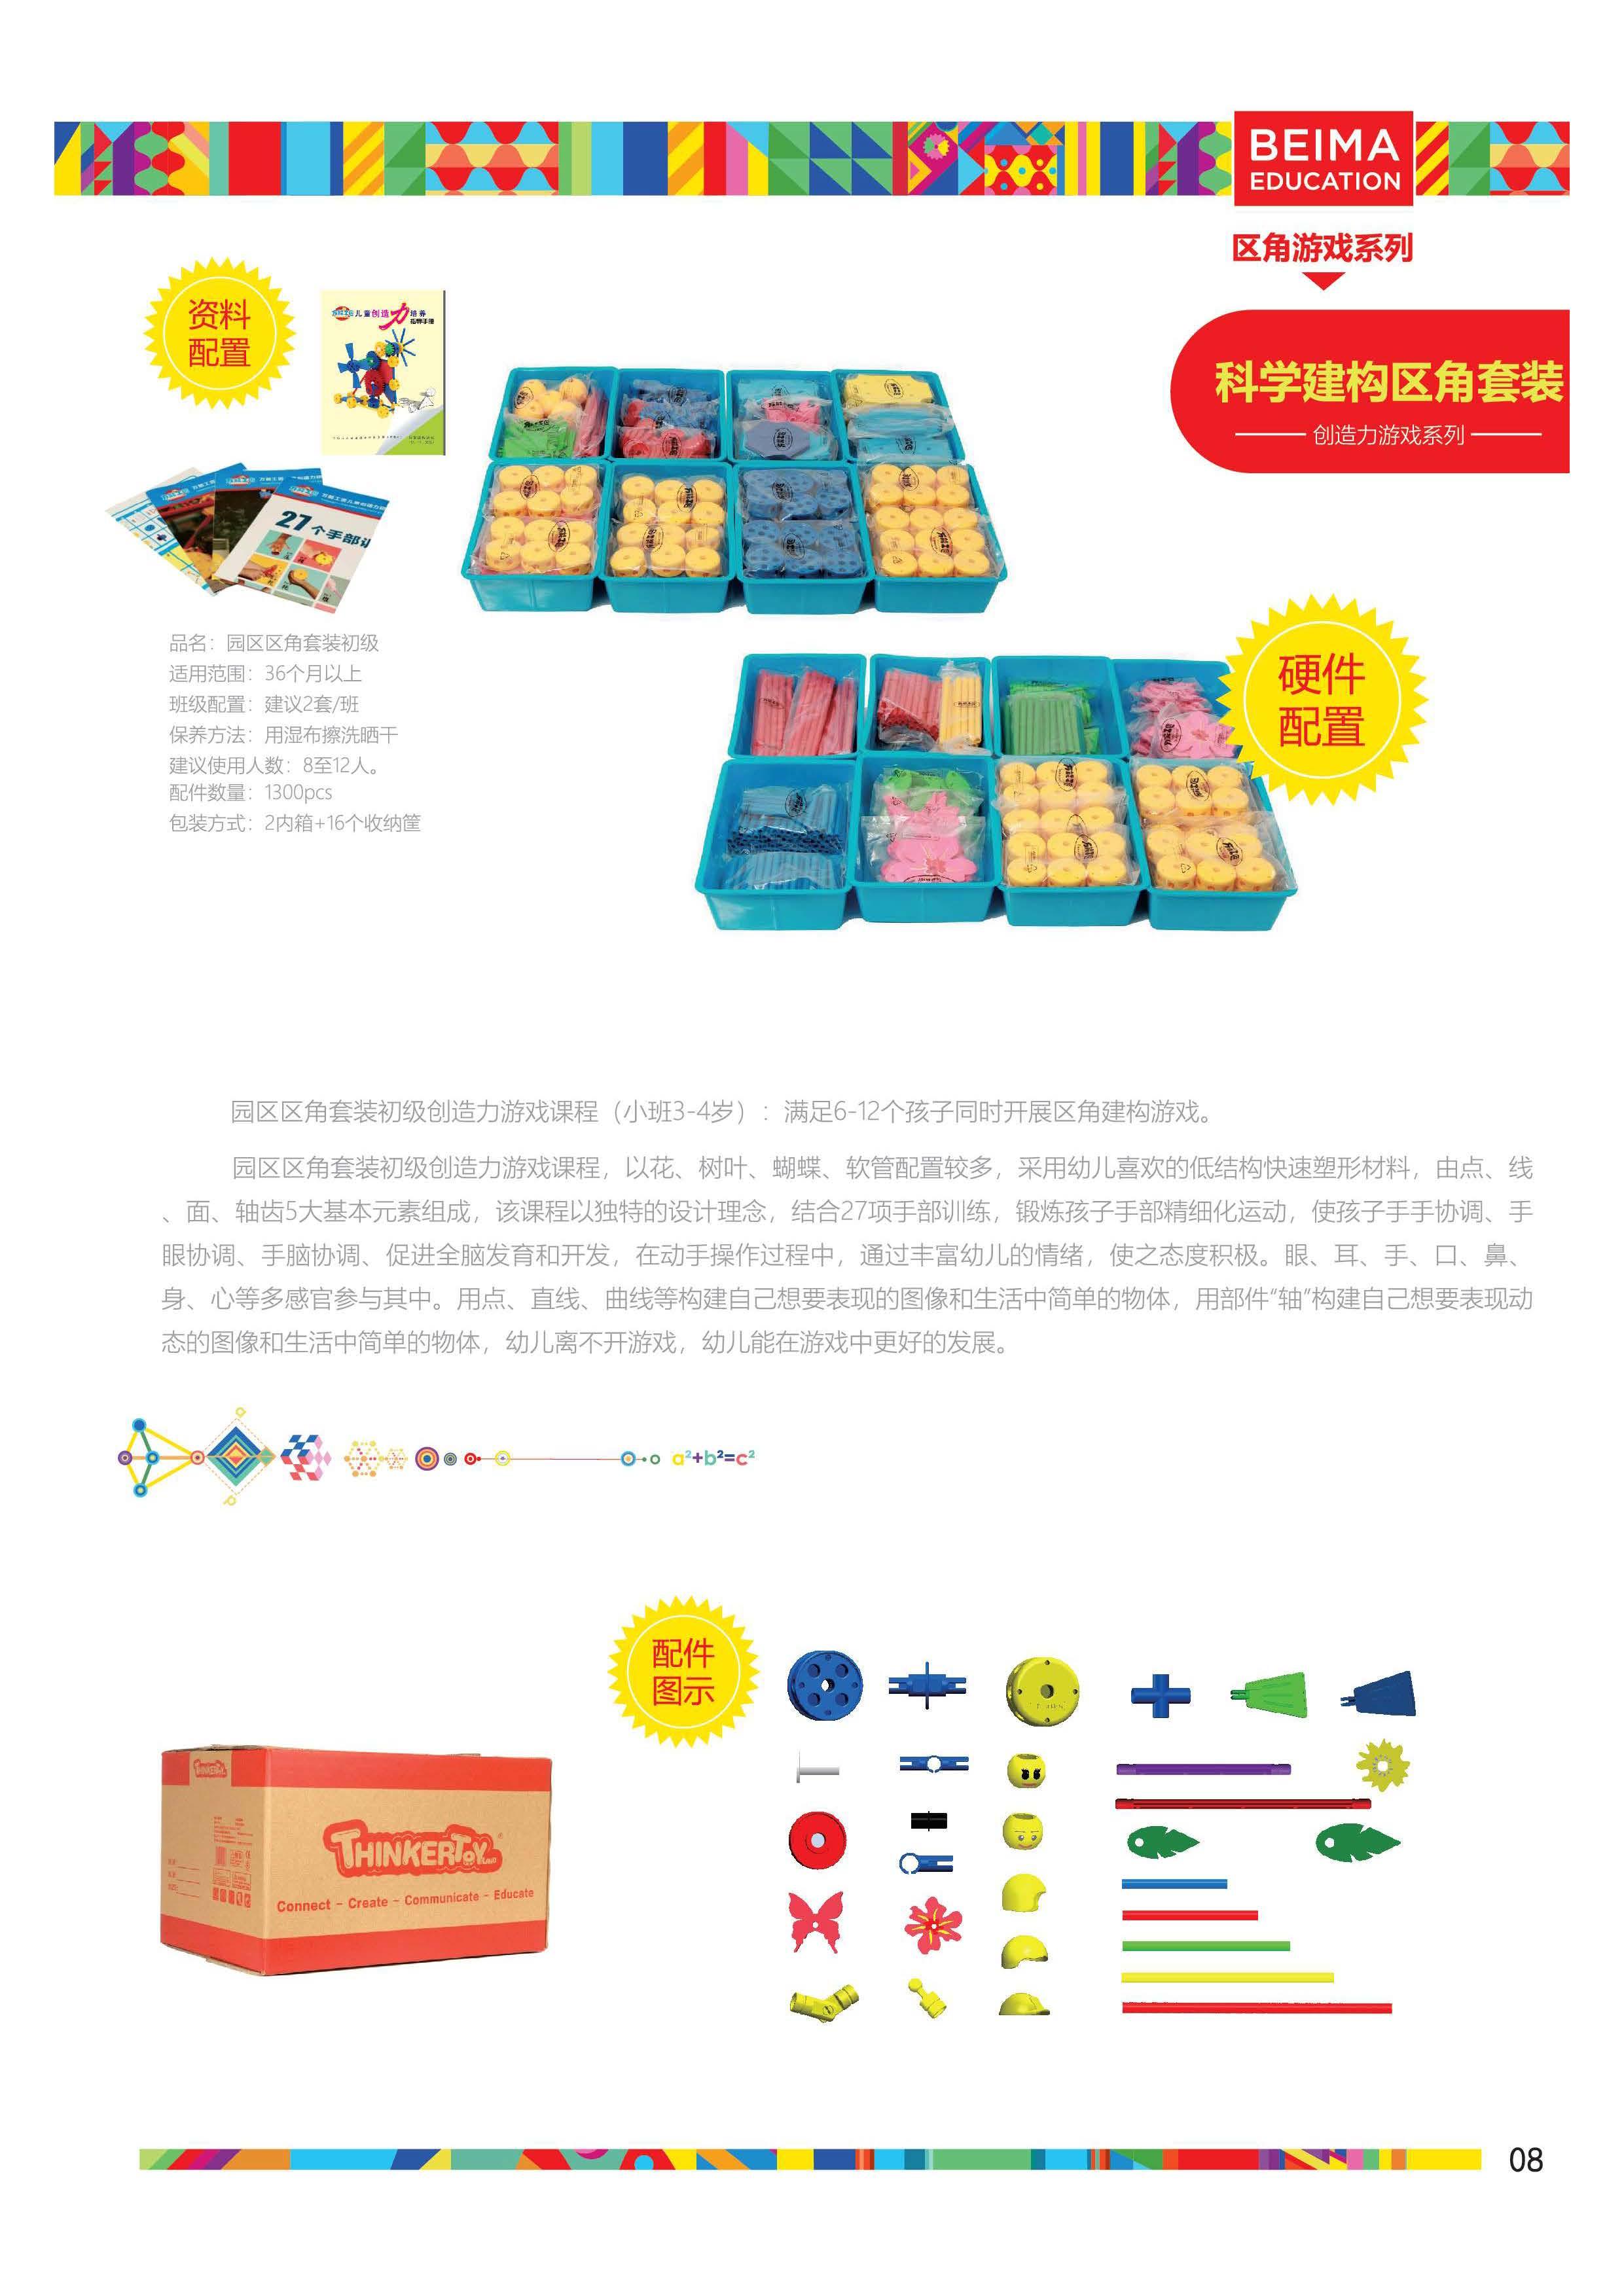 贝玛最新产品手册_页面_09.jpg